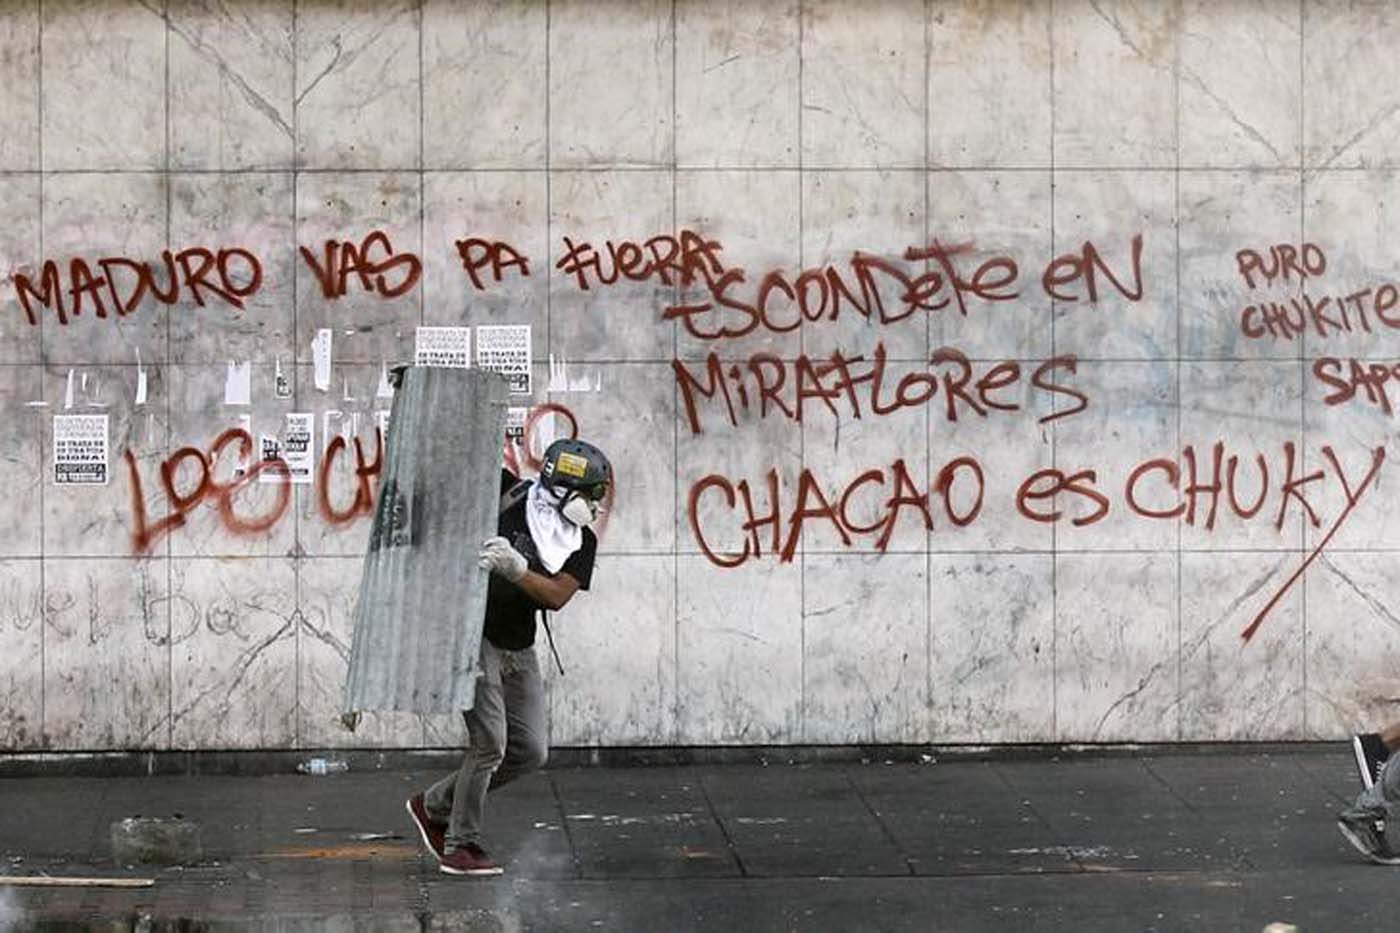 Un manifestante opositor al Gobierno de Venezuela corre en un intento por cubrirse de agentes de la guardia nacional durante una protesta en el distrito de Chacao, en Caracas. Foto de archivo. REUTERS/Christian Verón